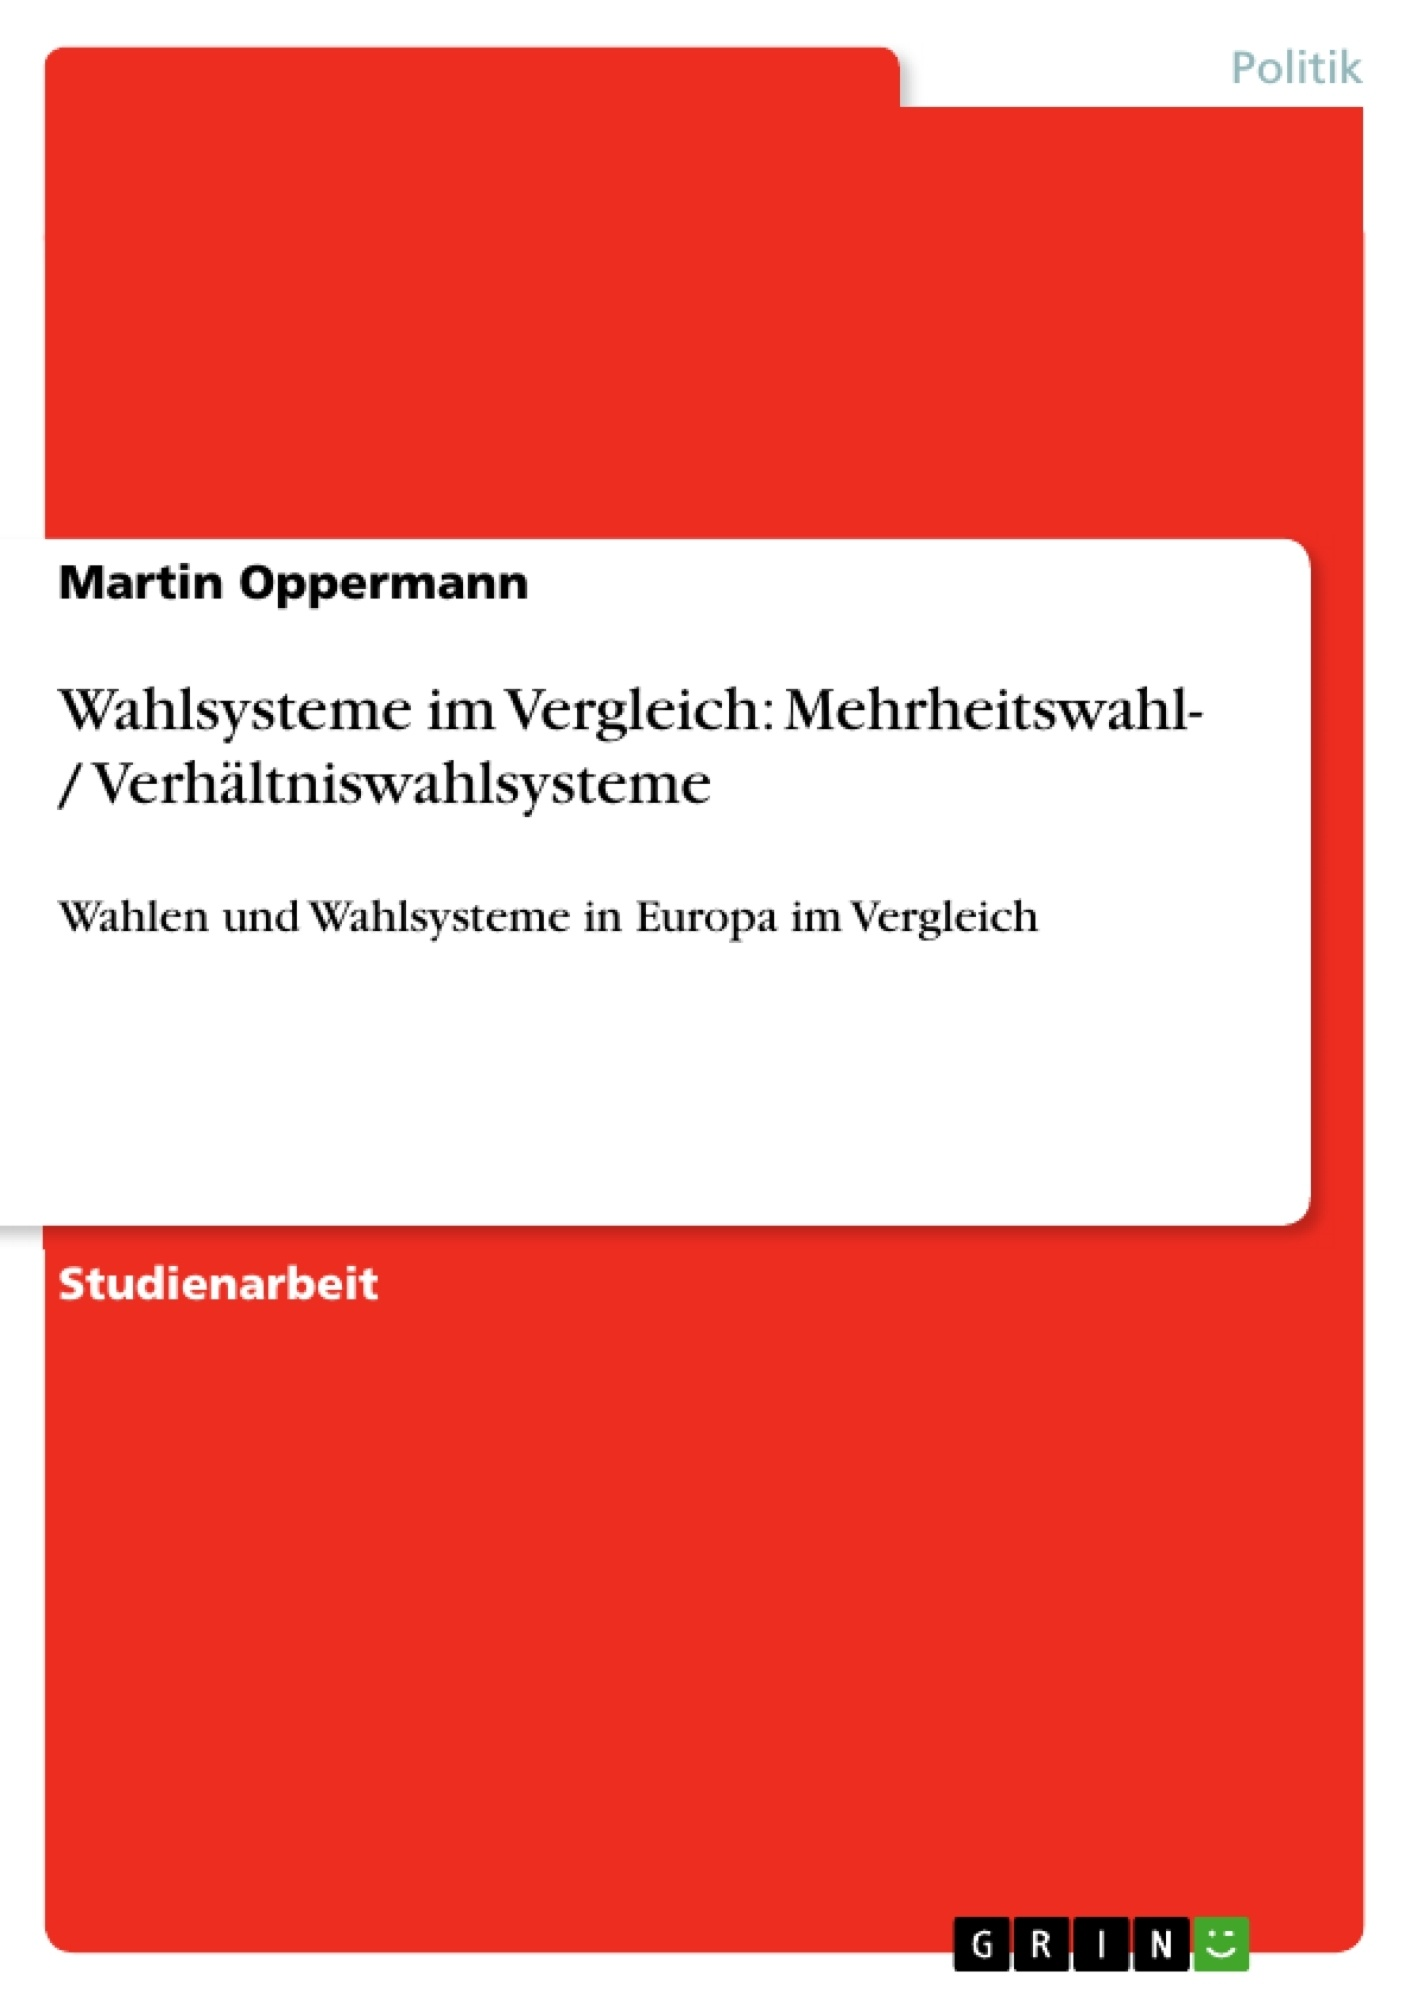 Titel: Wahlsysteme im Vergleich: Mehrheitswahl- / Verhältniswahlsysteme